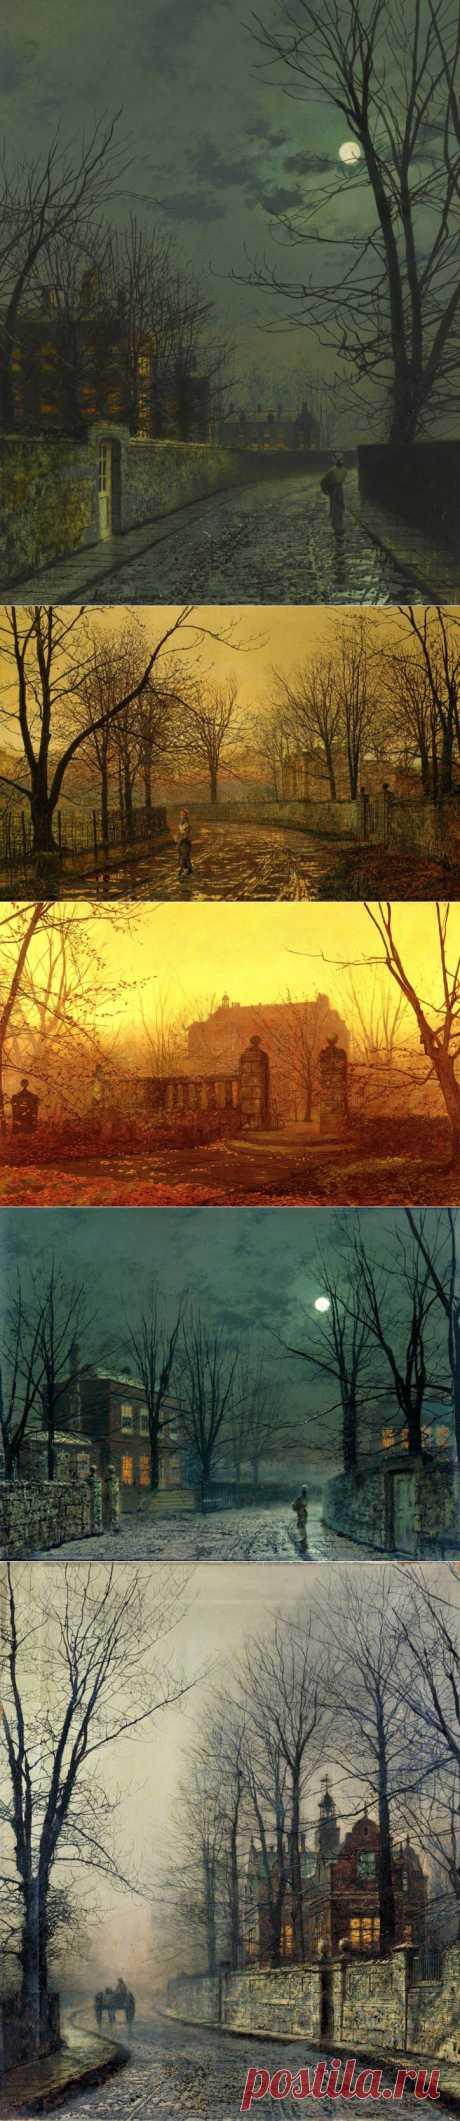 Сумеречный художник Джон Эткинсон Гримшоу (1836-1893) | Пейзаж и марина. (часть-1).